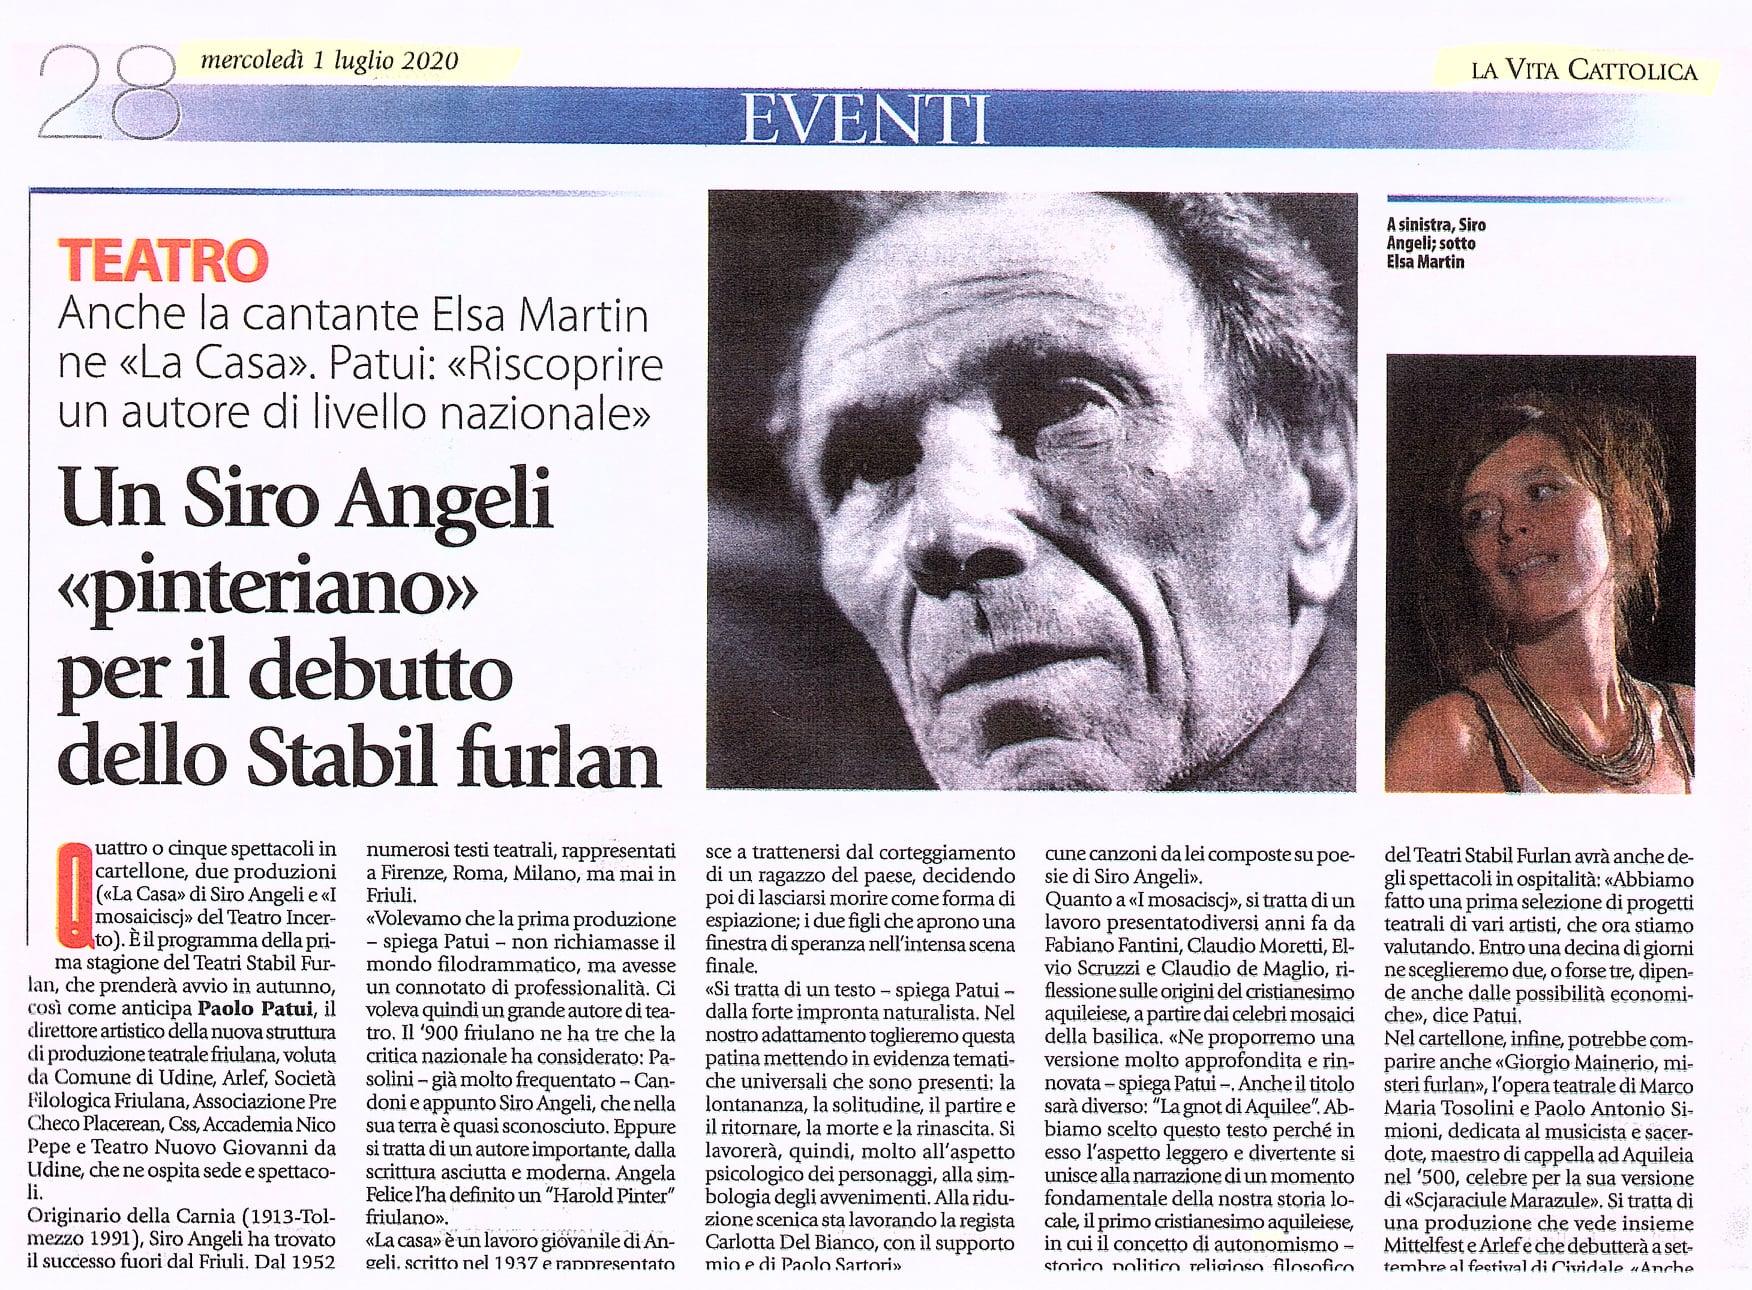 Doro Gjat e Siro Angeli nel nuovo cartellone del Teatri Stabil Furlan «Si punta alla qualità